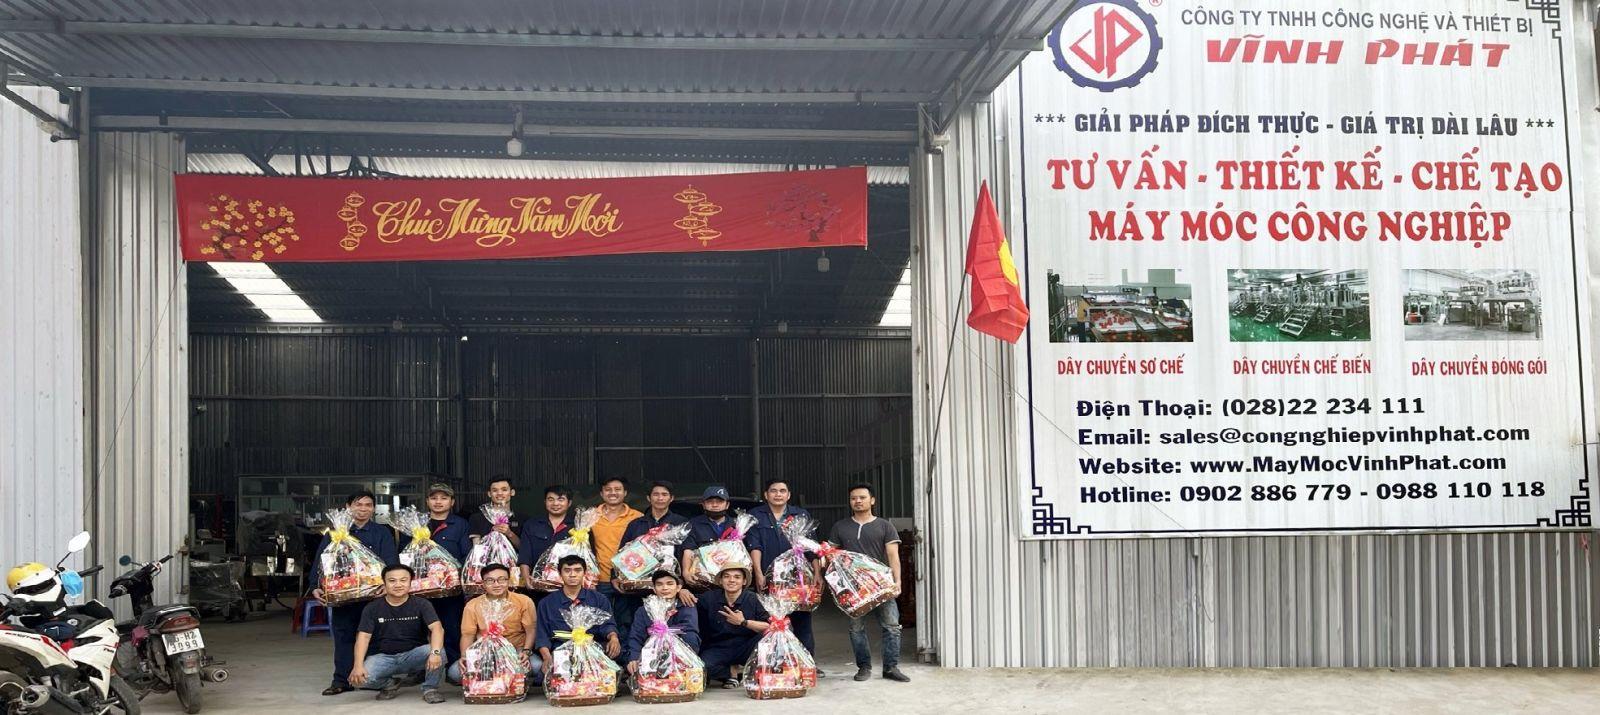 Nhà máy sản xuất Công ty TNHH Công Nghệ Và Thiết Bị Vĩnh Phát